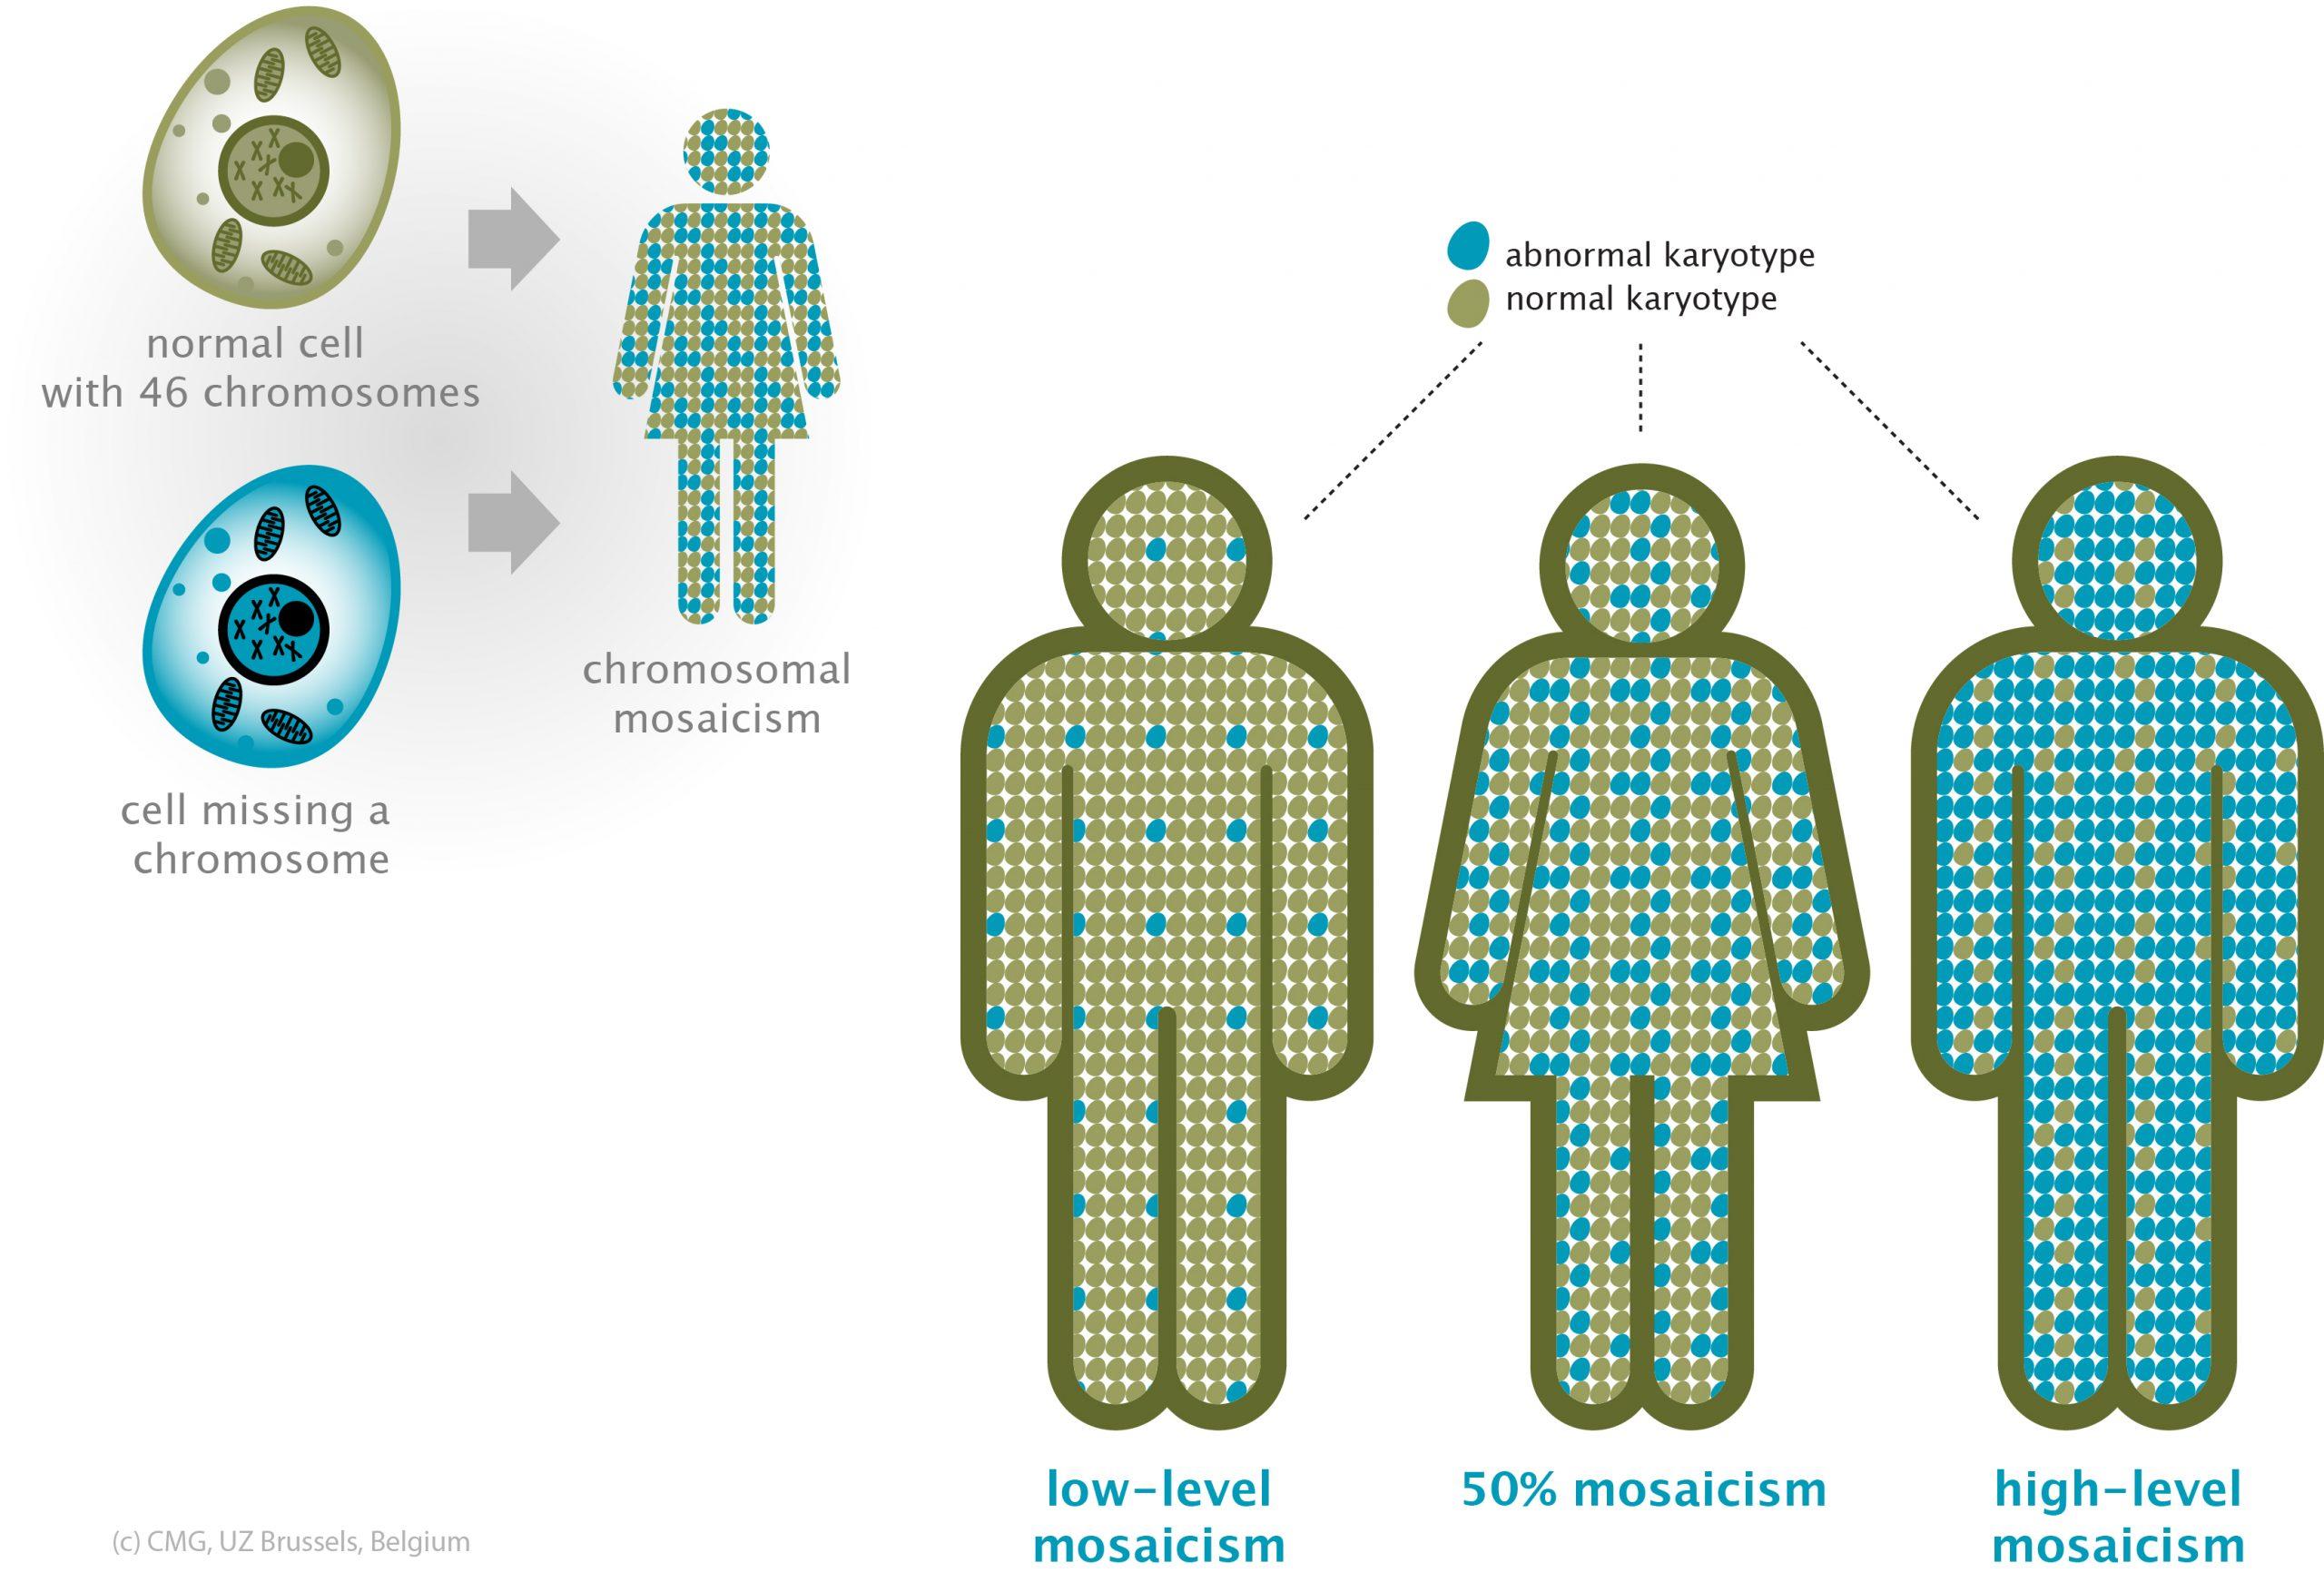 موزائیسم (mosaicism) به وجود دو یا چند رده سلولی با اطلاعات ژنتیکی مختلف که از یک سلول تخم (زیگوت) واحد در یک فرد منشا میگیرد اطلاق می گردد. در مقابل ، اگر رده های سلولی متمایز از زیگوت های مختلف مشتق شده باشد ، این اصطلاح اکنون به عنوان کایمریسم (chimerism) شناخته می شود. موزائیسم پس از تشکیل سلول تخم ایجاد می شود.